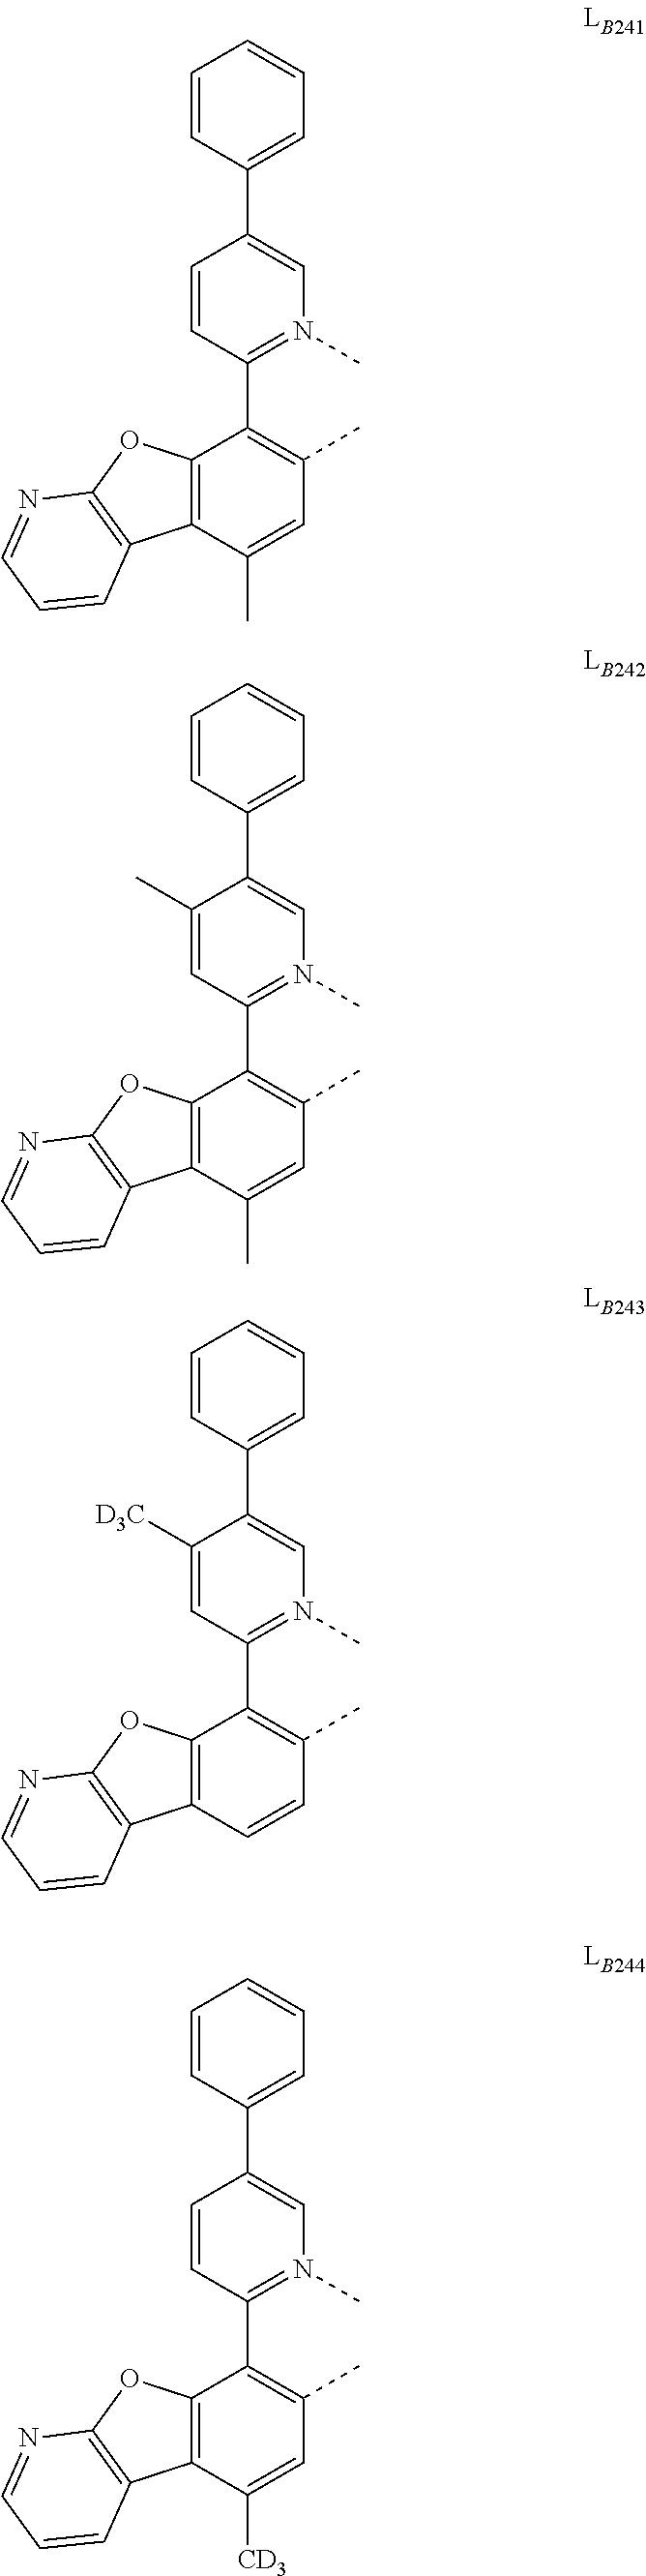 Figure US20180130962A1-20180510-C00309